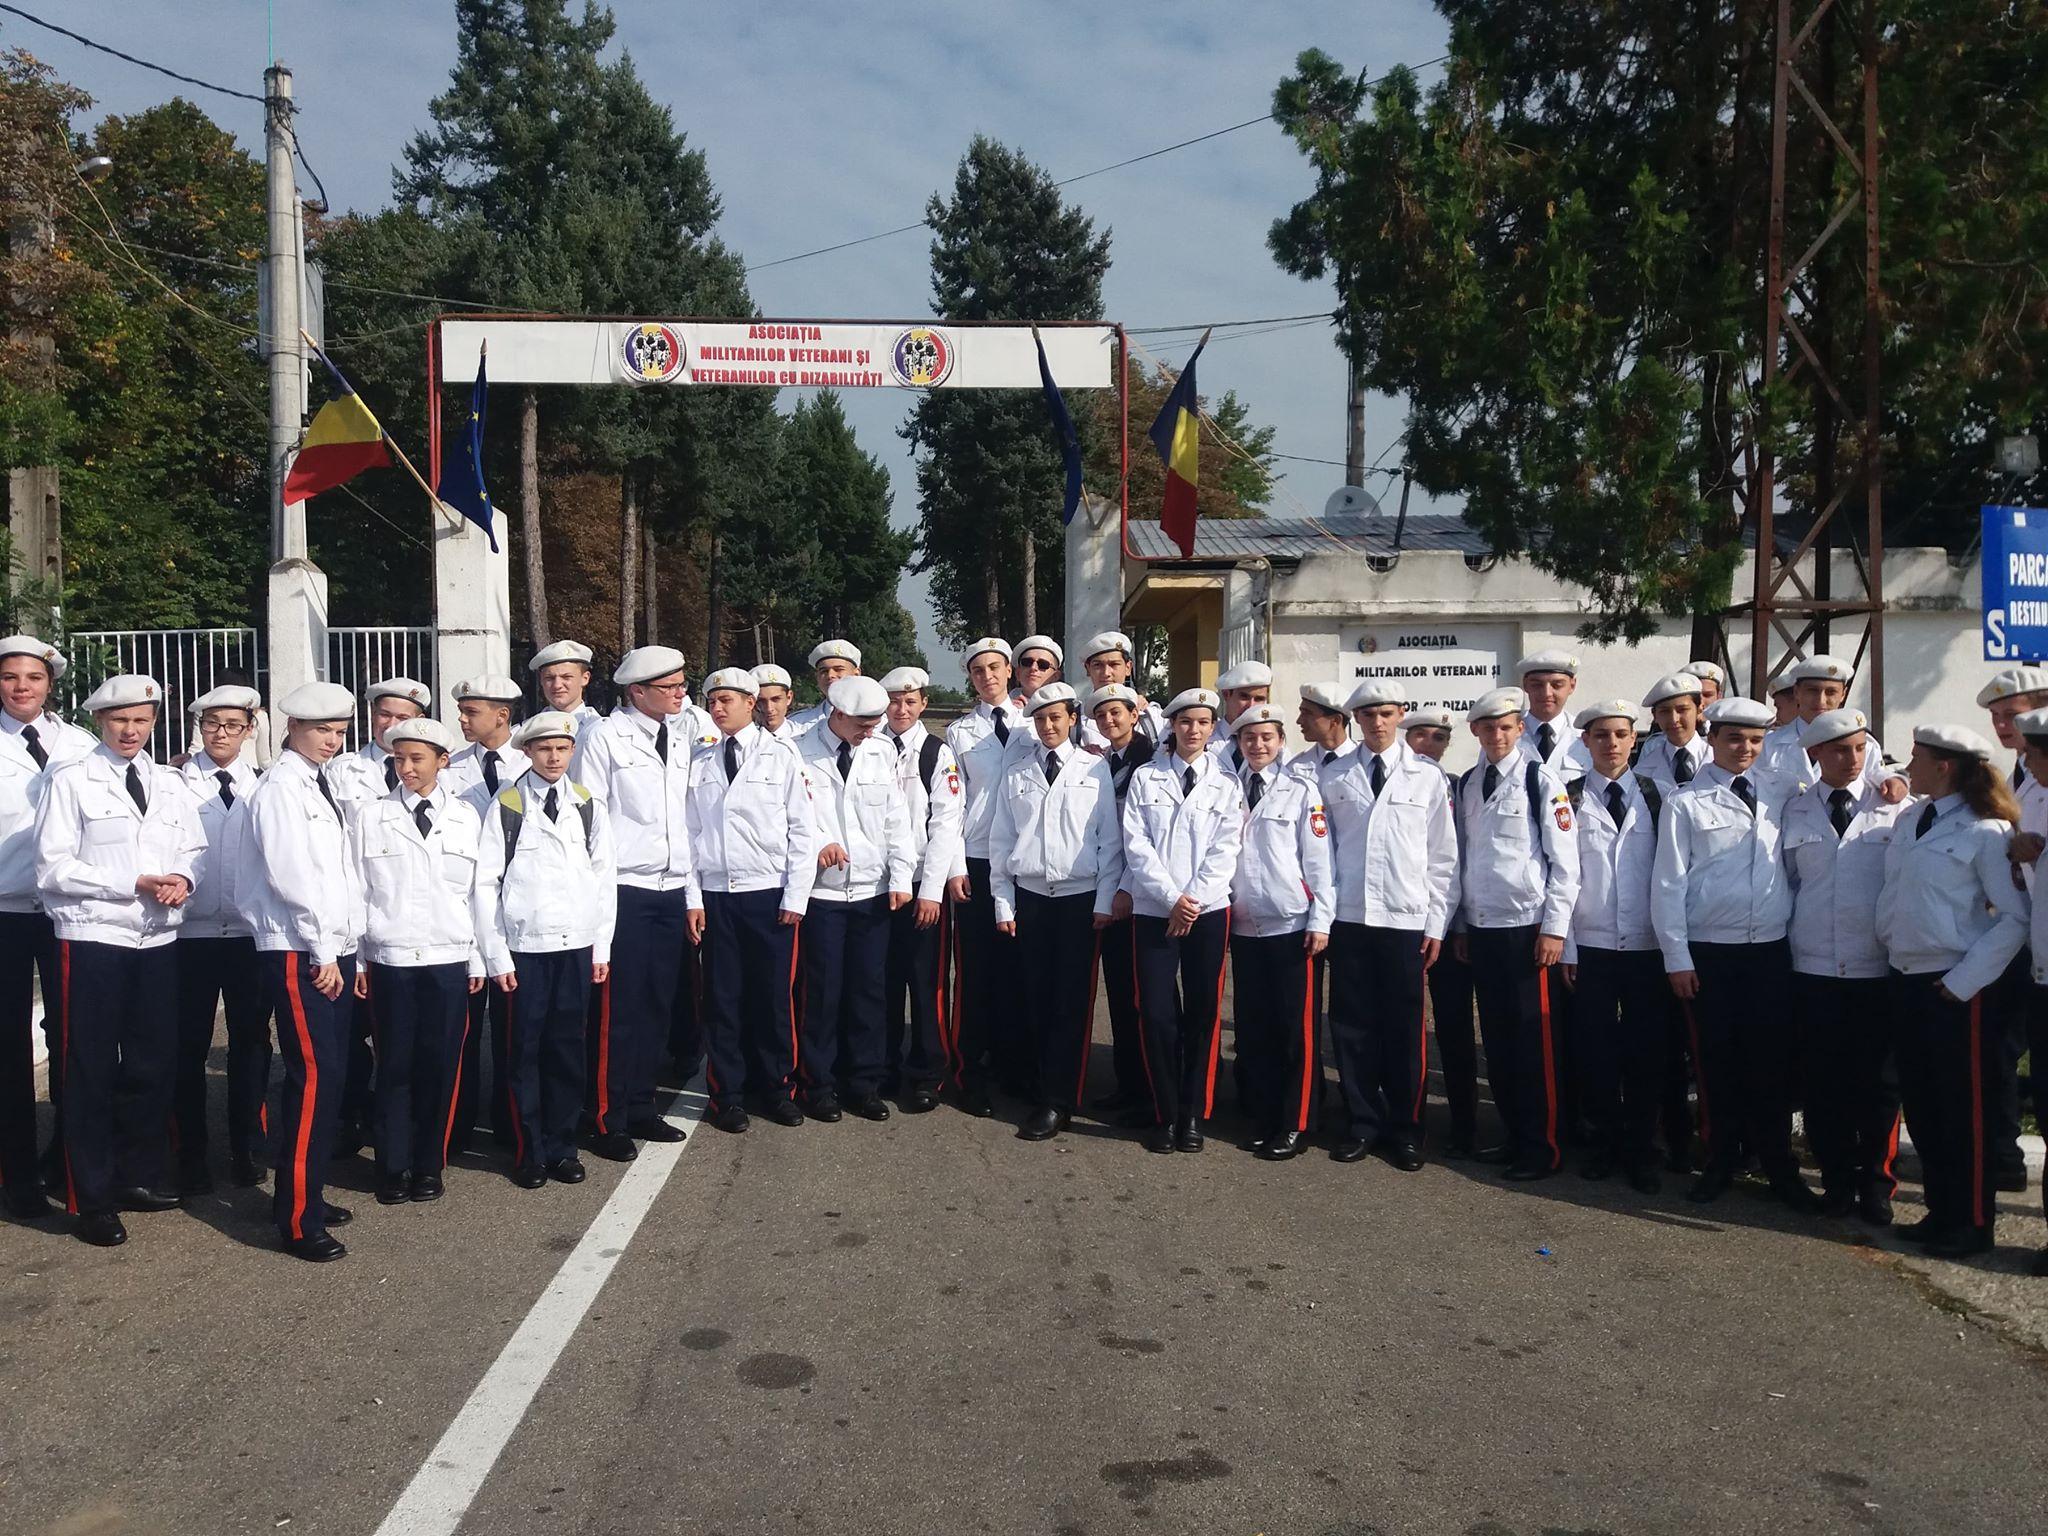 """Weekend plin de vizitatori la Centrul AMVVD de lângă Mănăstirea Dealu. Elevii Colegiului Național ,,Dimitrie Cantemir"""" din Breaza, pe urmele istoriei școlii"""